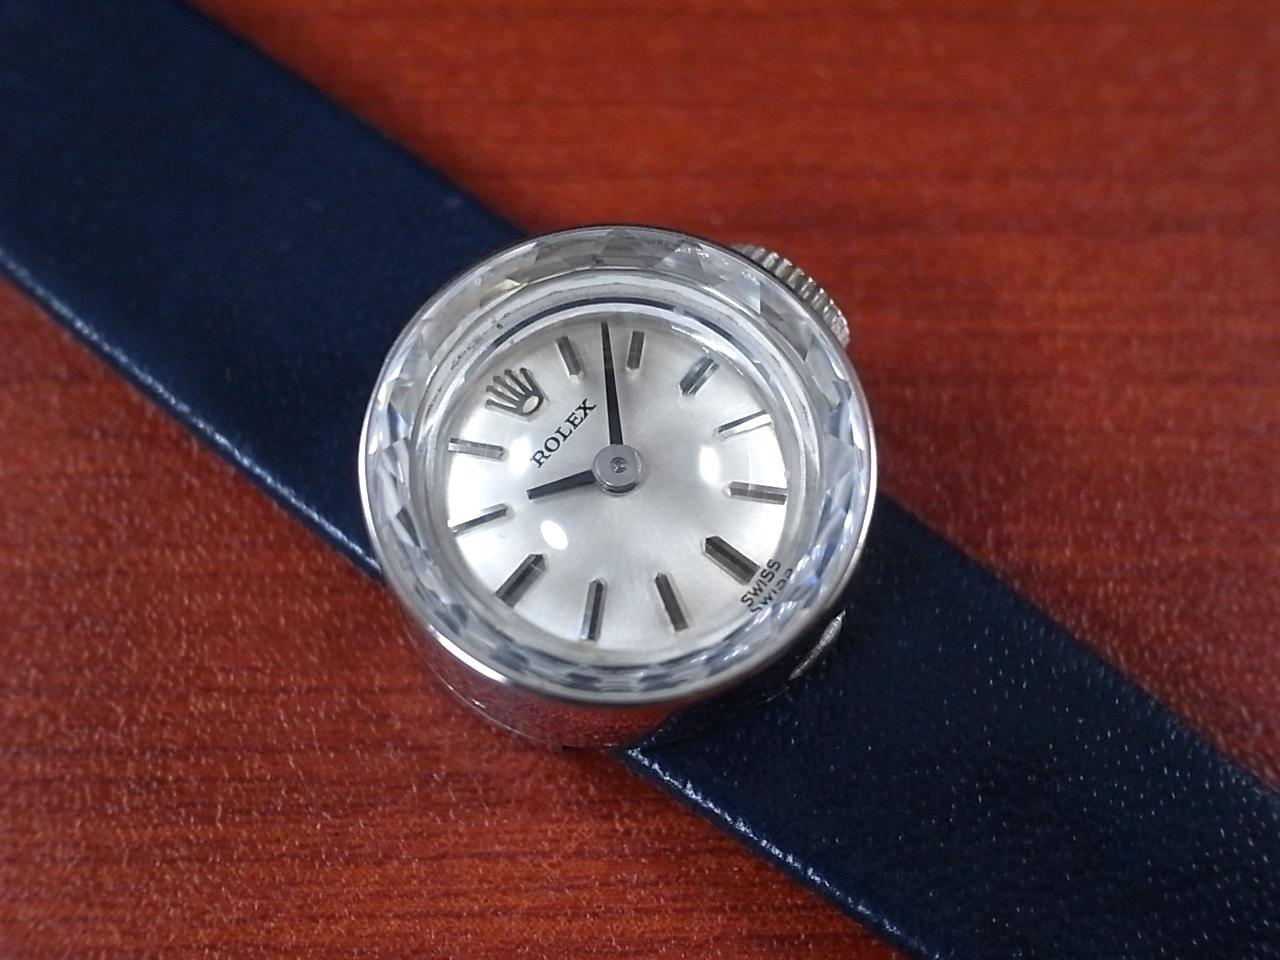 ロレックス レディス カメレオン 金無垢 14KWG カットガラス オリジナルベルト・BOX付のメイン写真